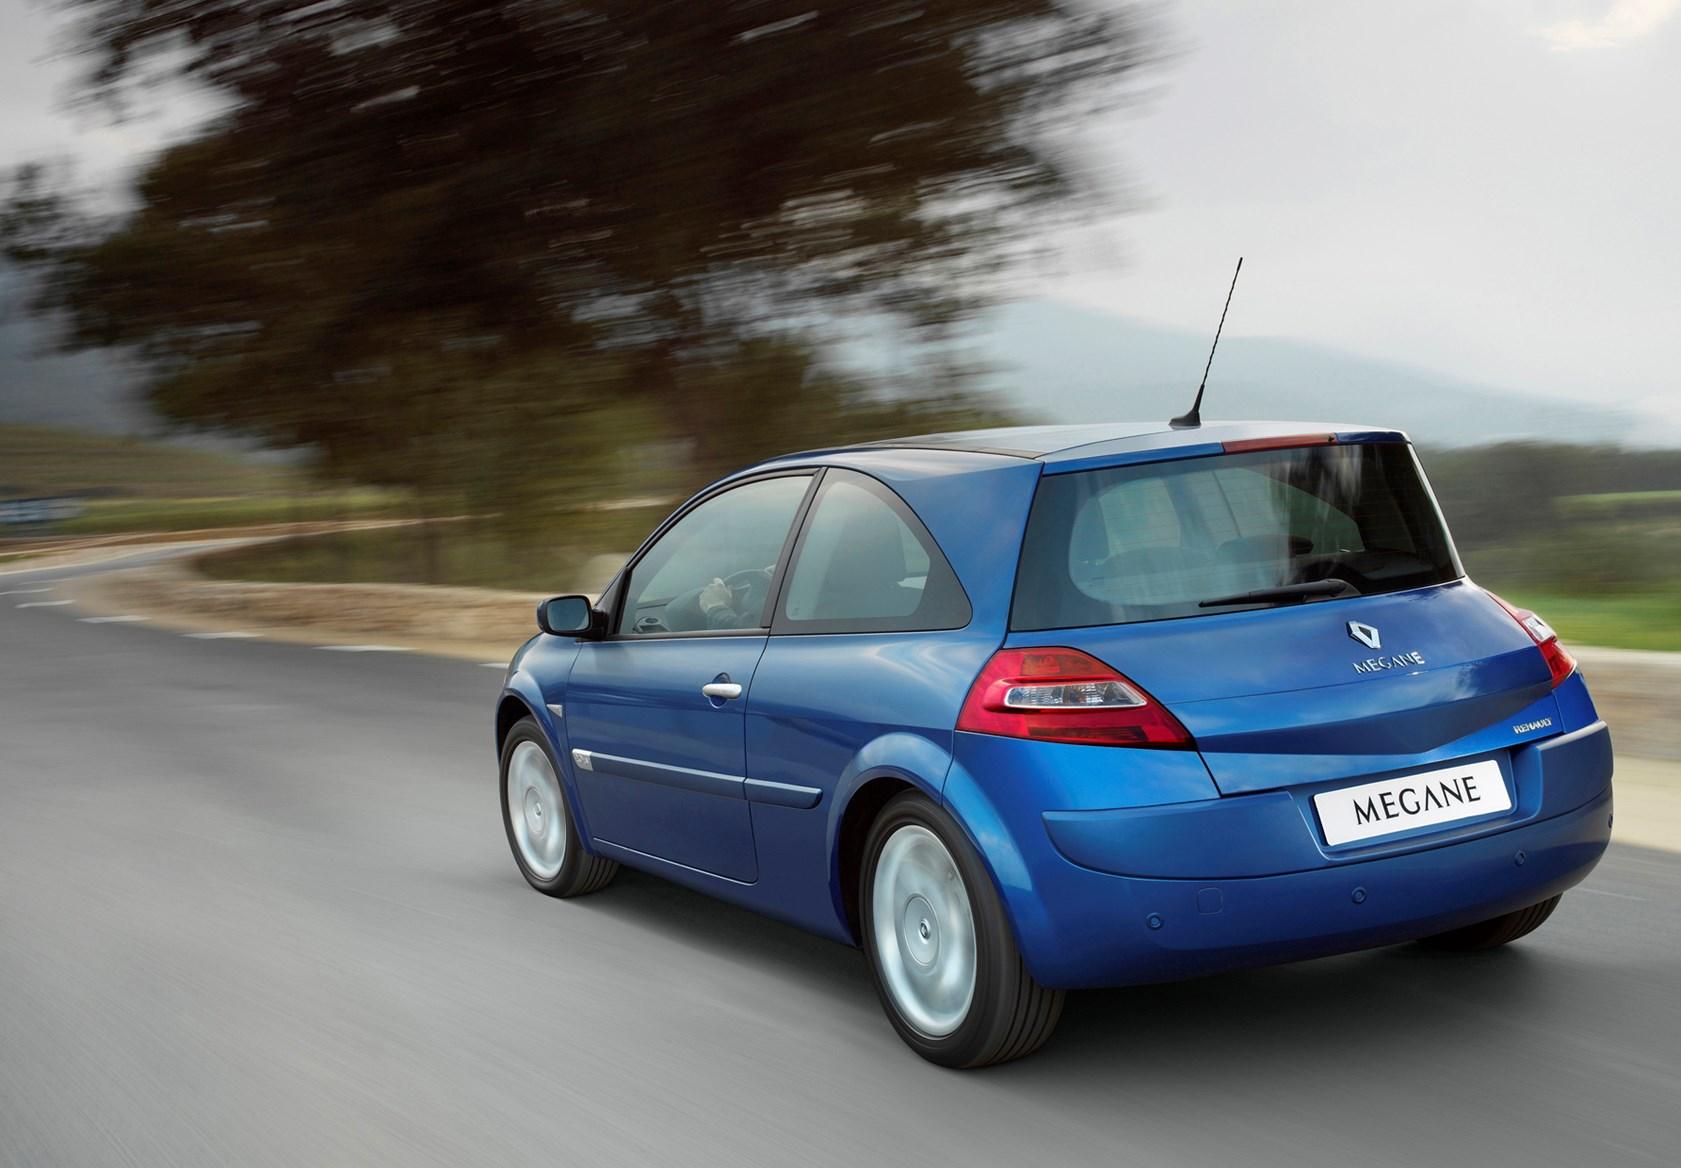 Reserva de dominio en un coche: ¿Qué es y cómo quitarla?